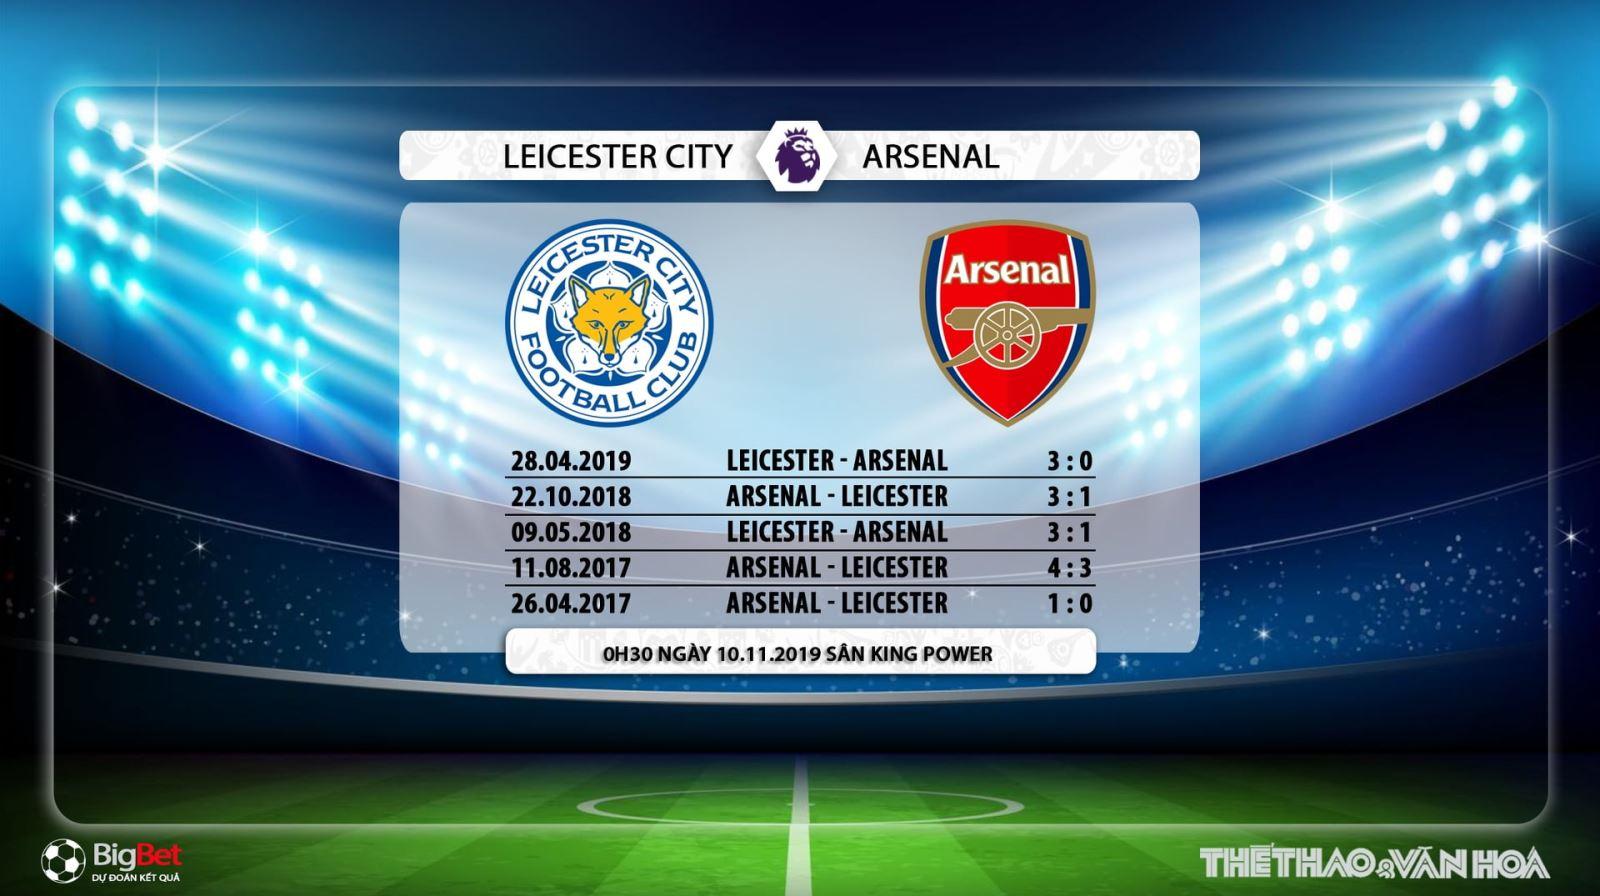 soi kèo Leicester vs Arsenal, truc tiep bong da hom nay, Leicester đấu với Arsenal, xem bóng đá trực tiếp, Ngoại hạng Anh, Premier League, K+, K+PM, K+PC, K+1, K+NS, xem bong da truc tuyen, Arsenal